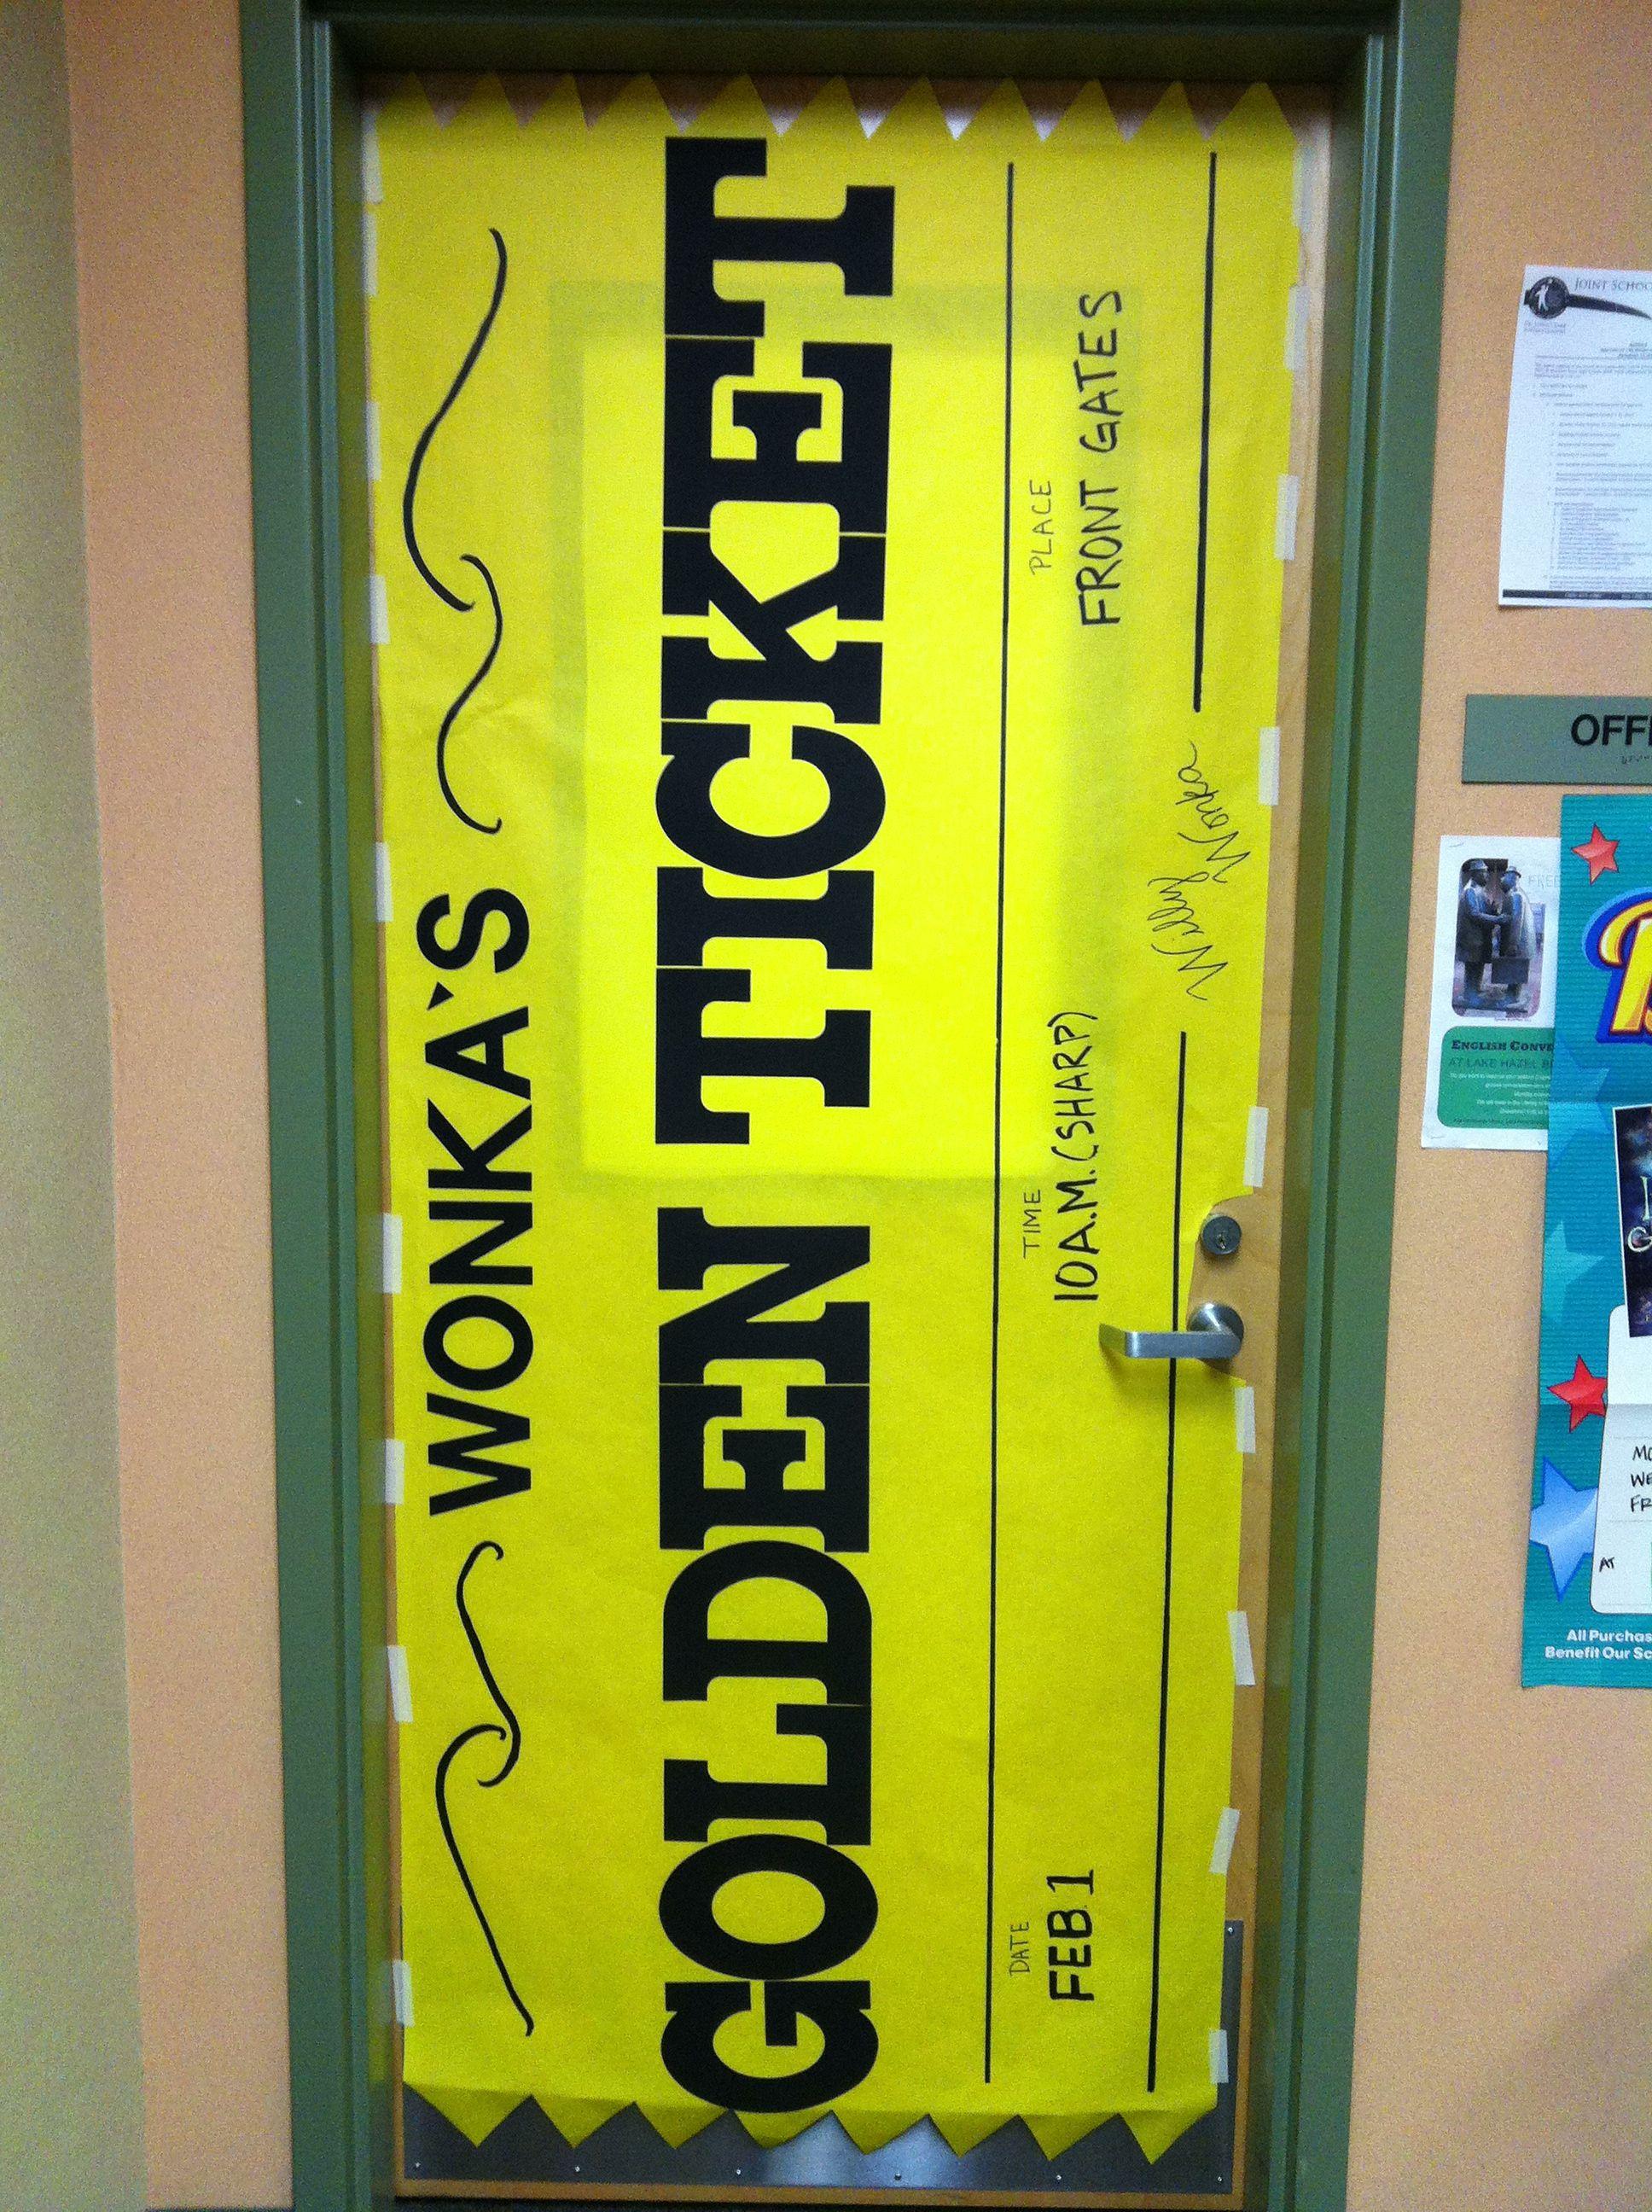 Wonka's Golden Ticket Door decoration